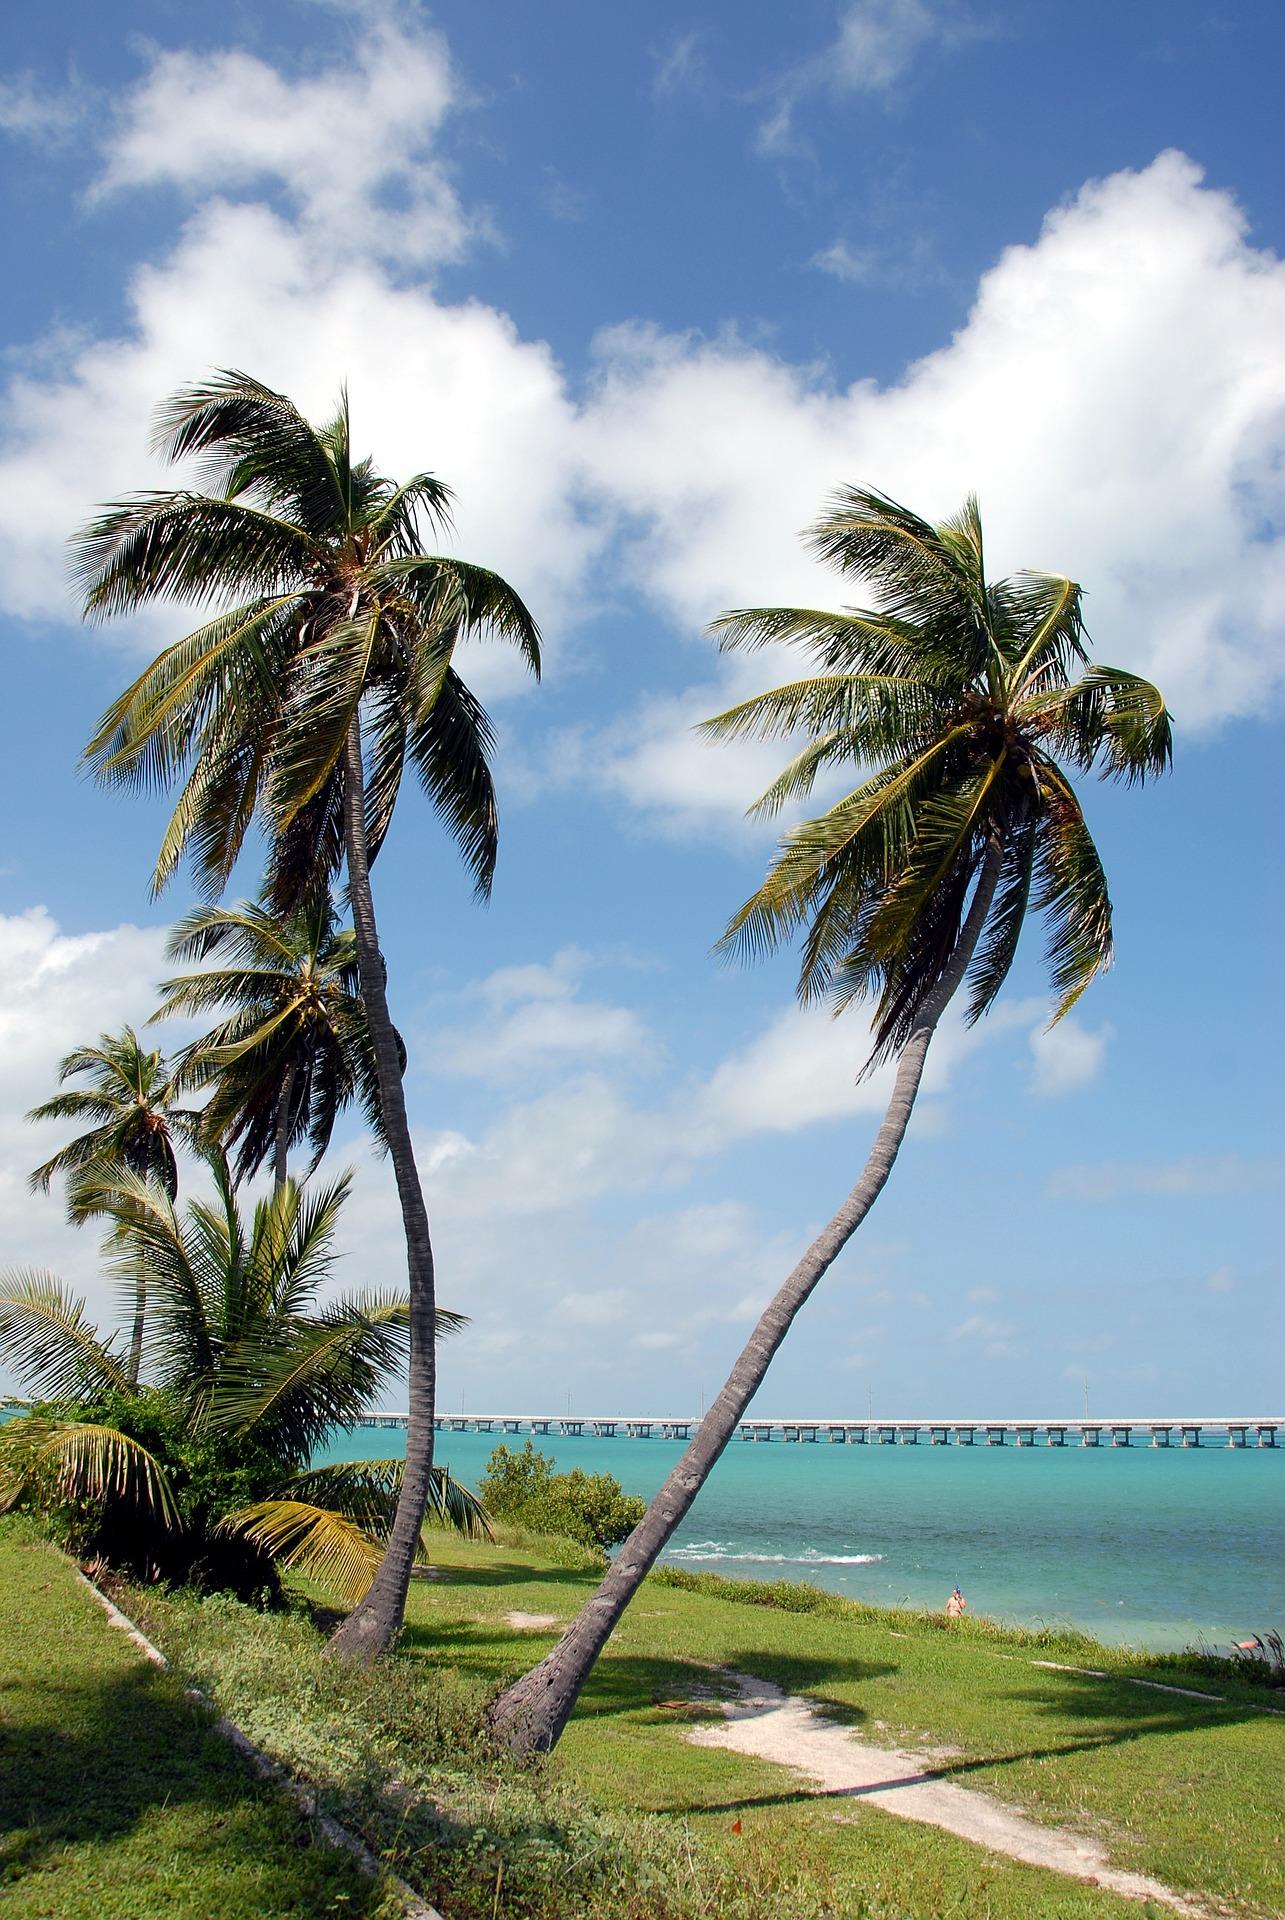 Picture of 7 Mile Bridge